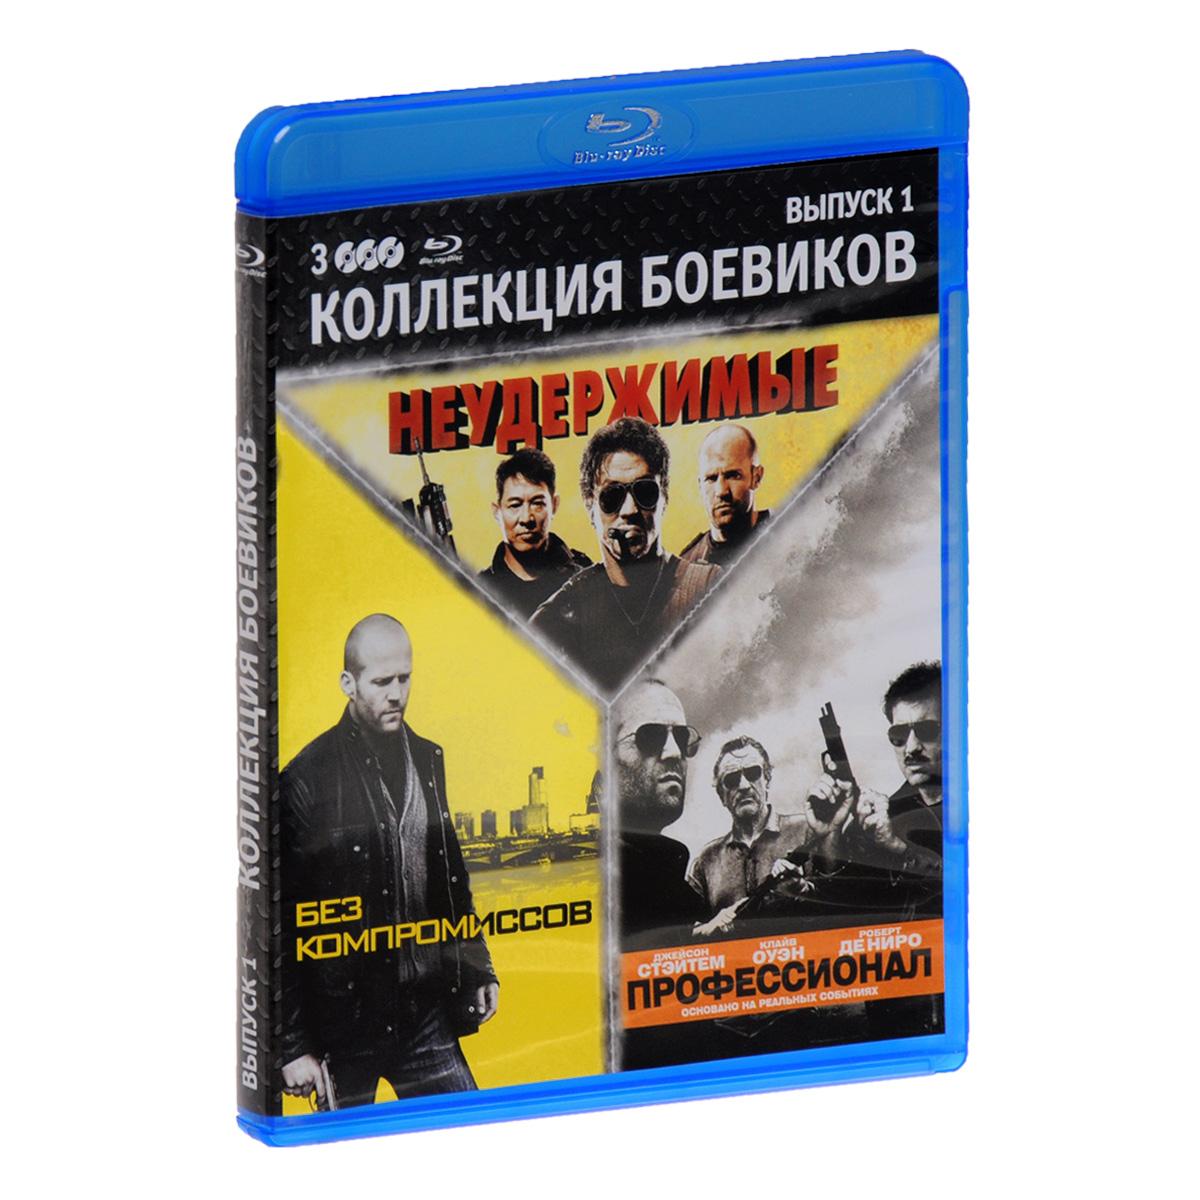 Неудержимые / Без компромиссов Профессионал (3 Blu-ray)